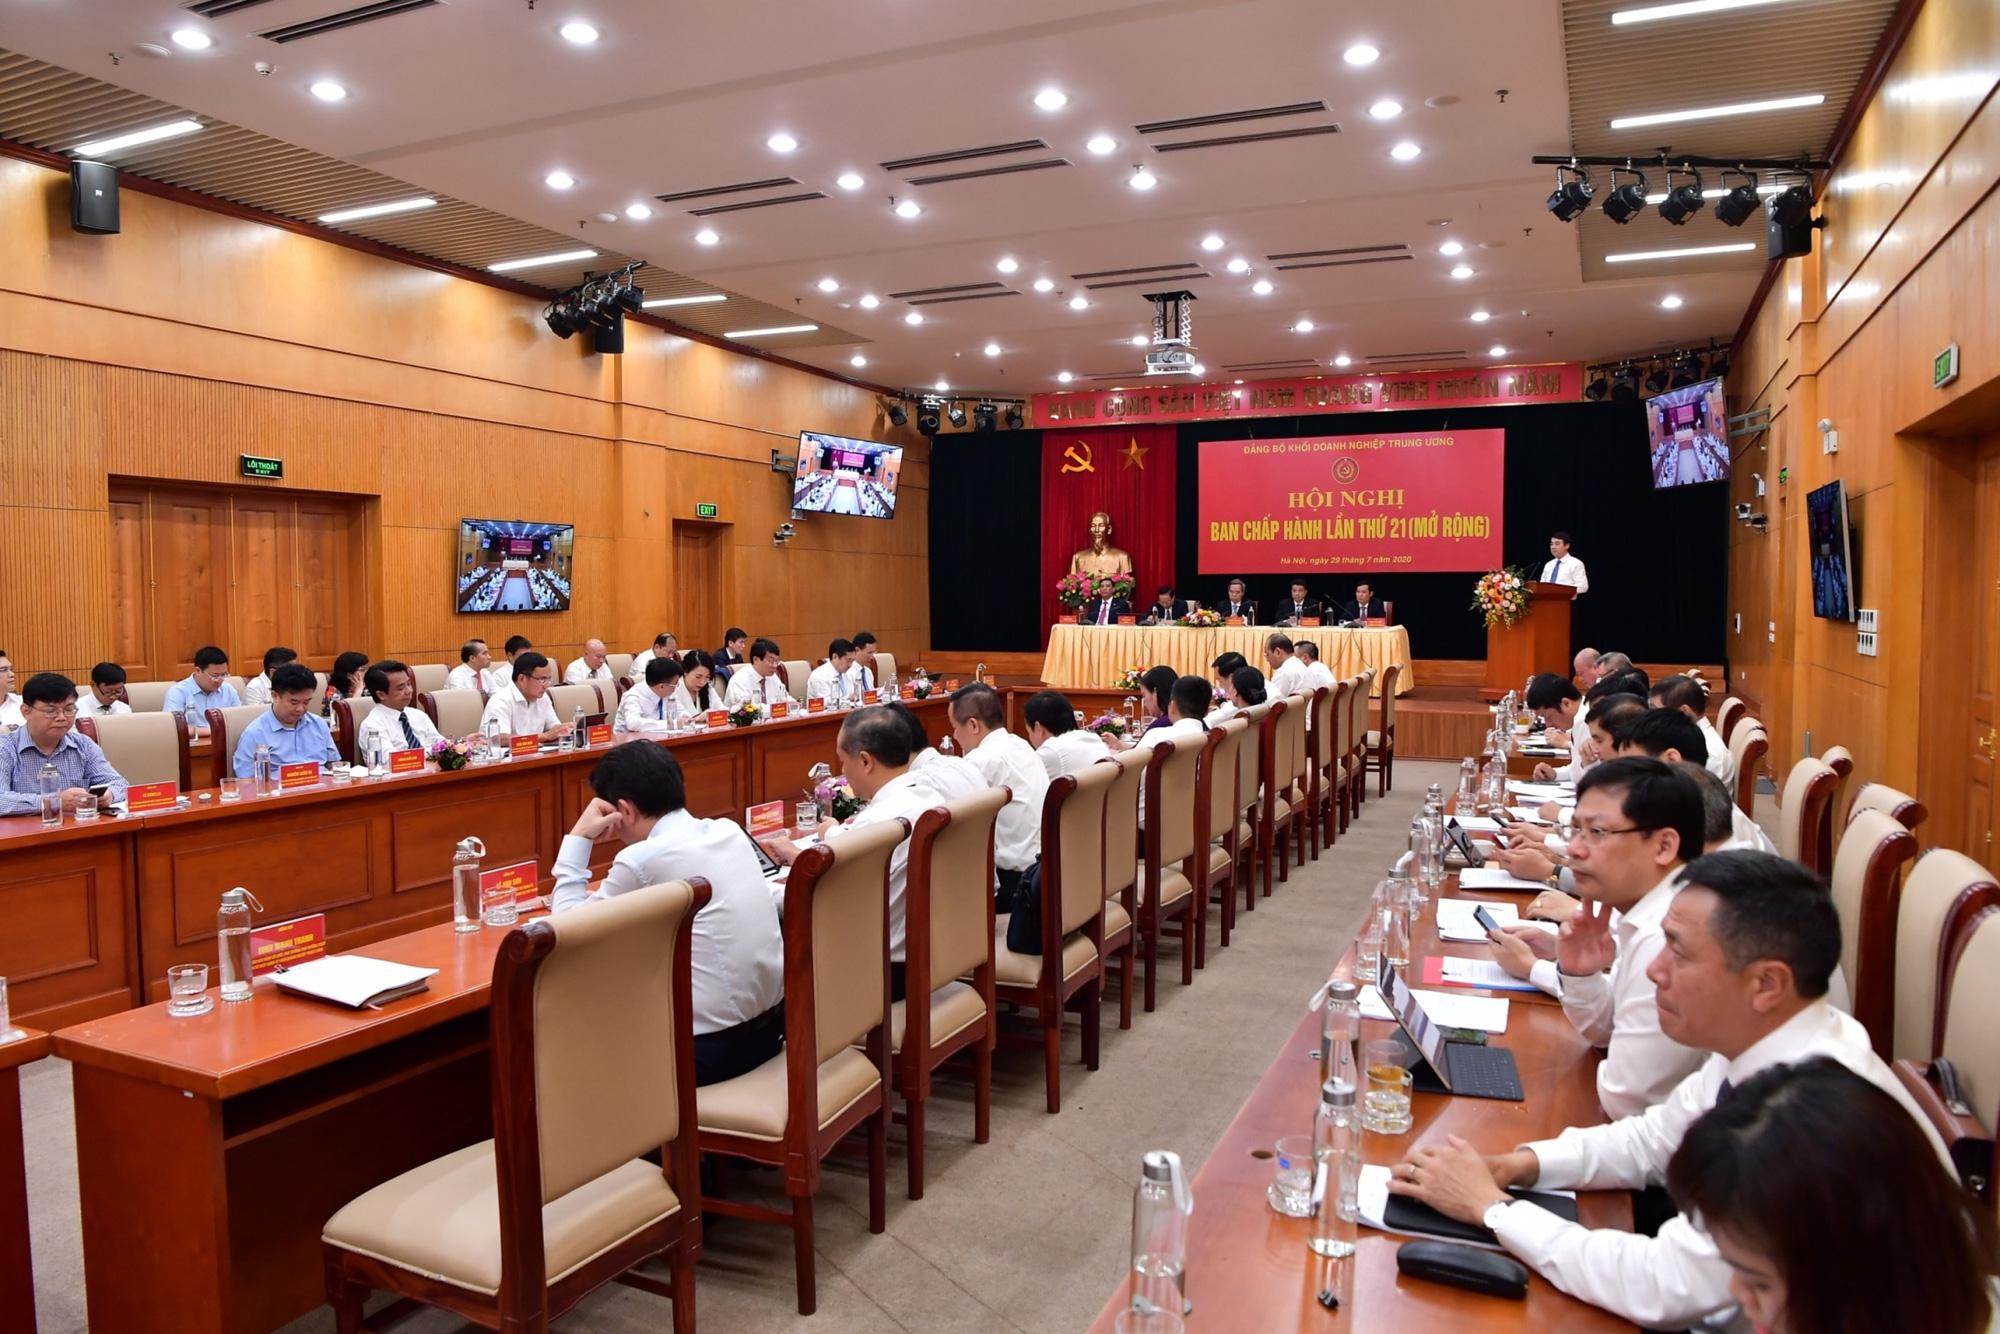 Chủ tịch HĐQT Vietcombank giữ chức Ủy viên Ban Thường vụ Đảng ủy Khối Doanh nghiệp Trung ương - Ảnh 5.